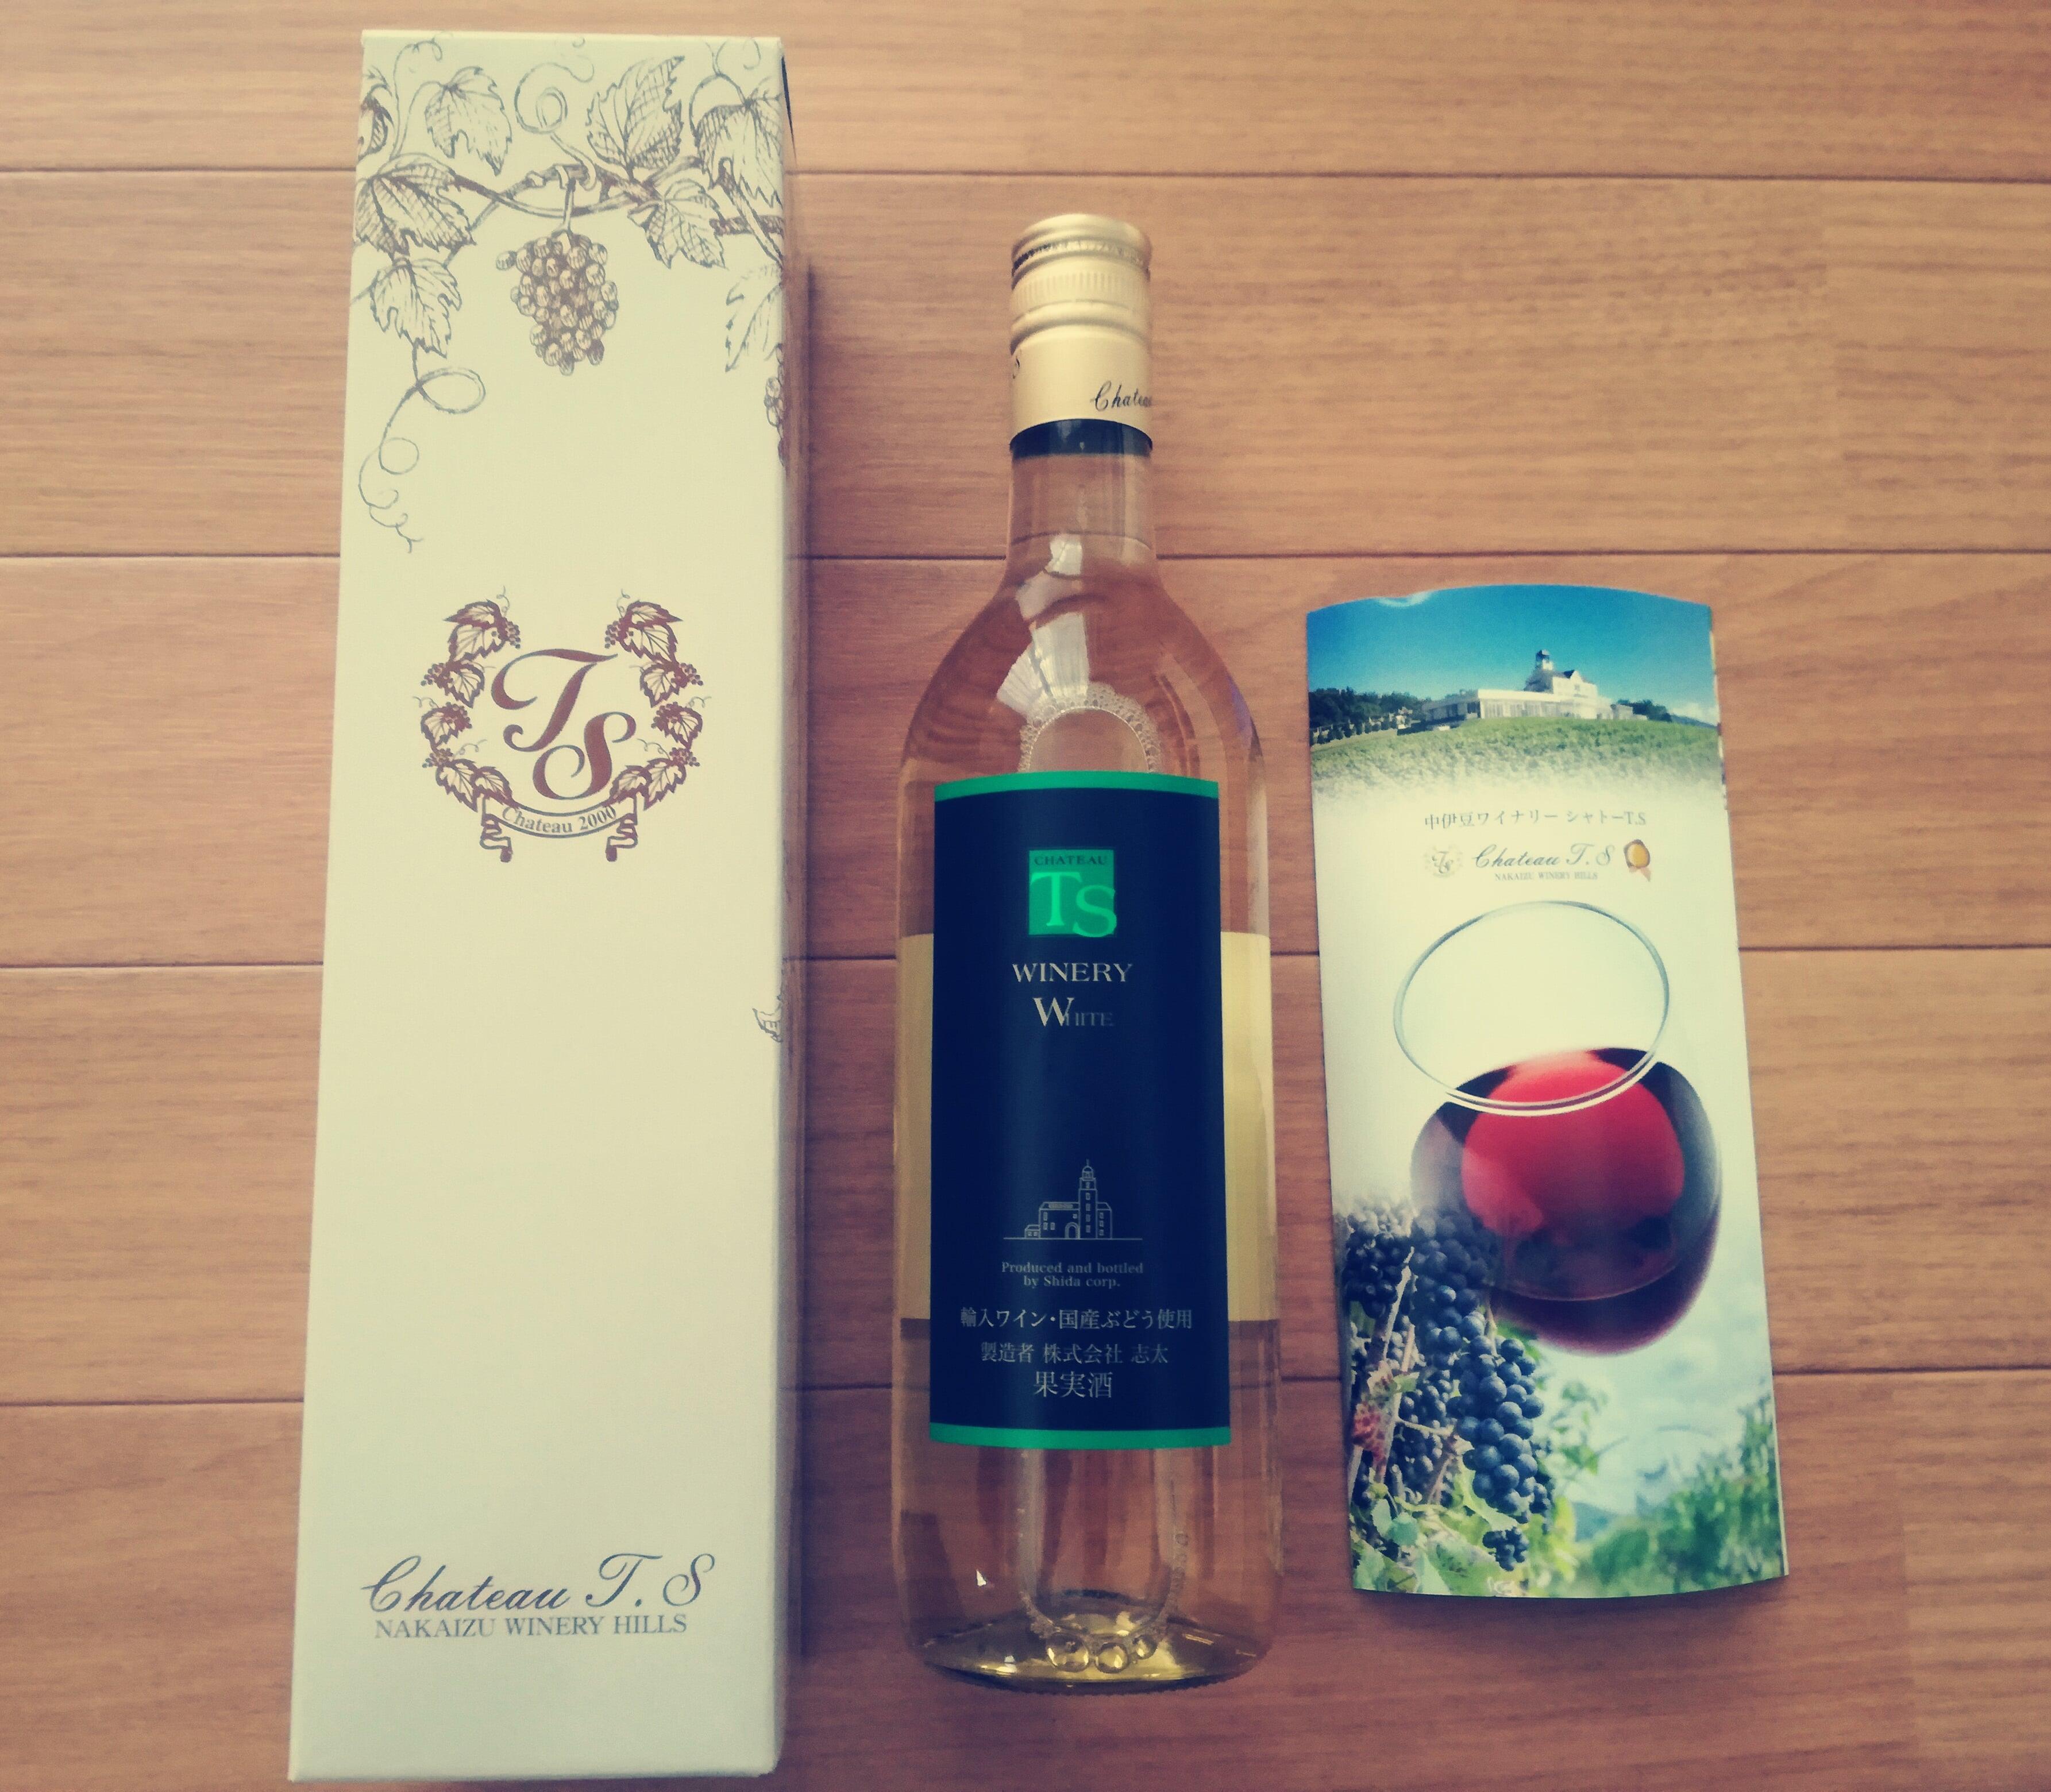 シダックス(4837)の株主優待で選択した白ワインが到着しました!